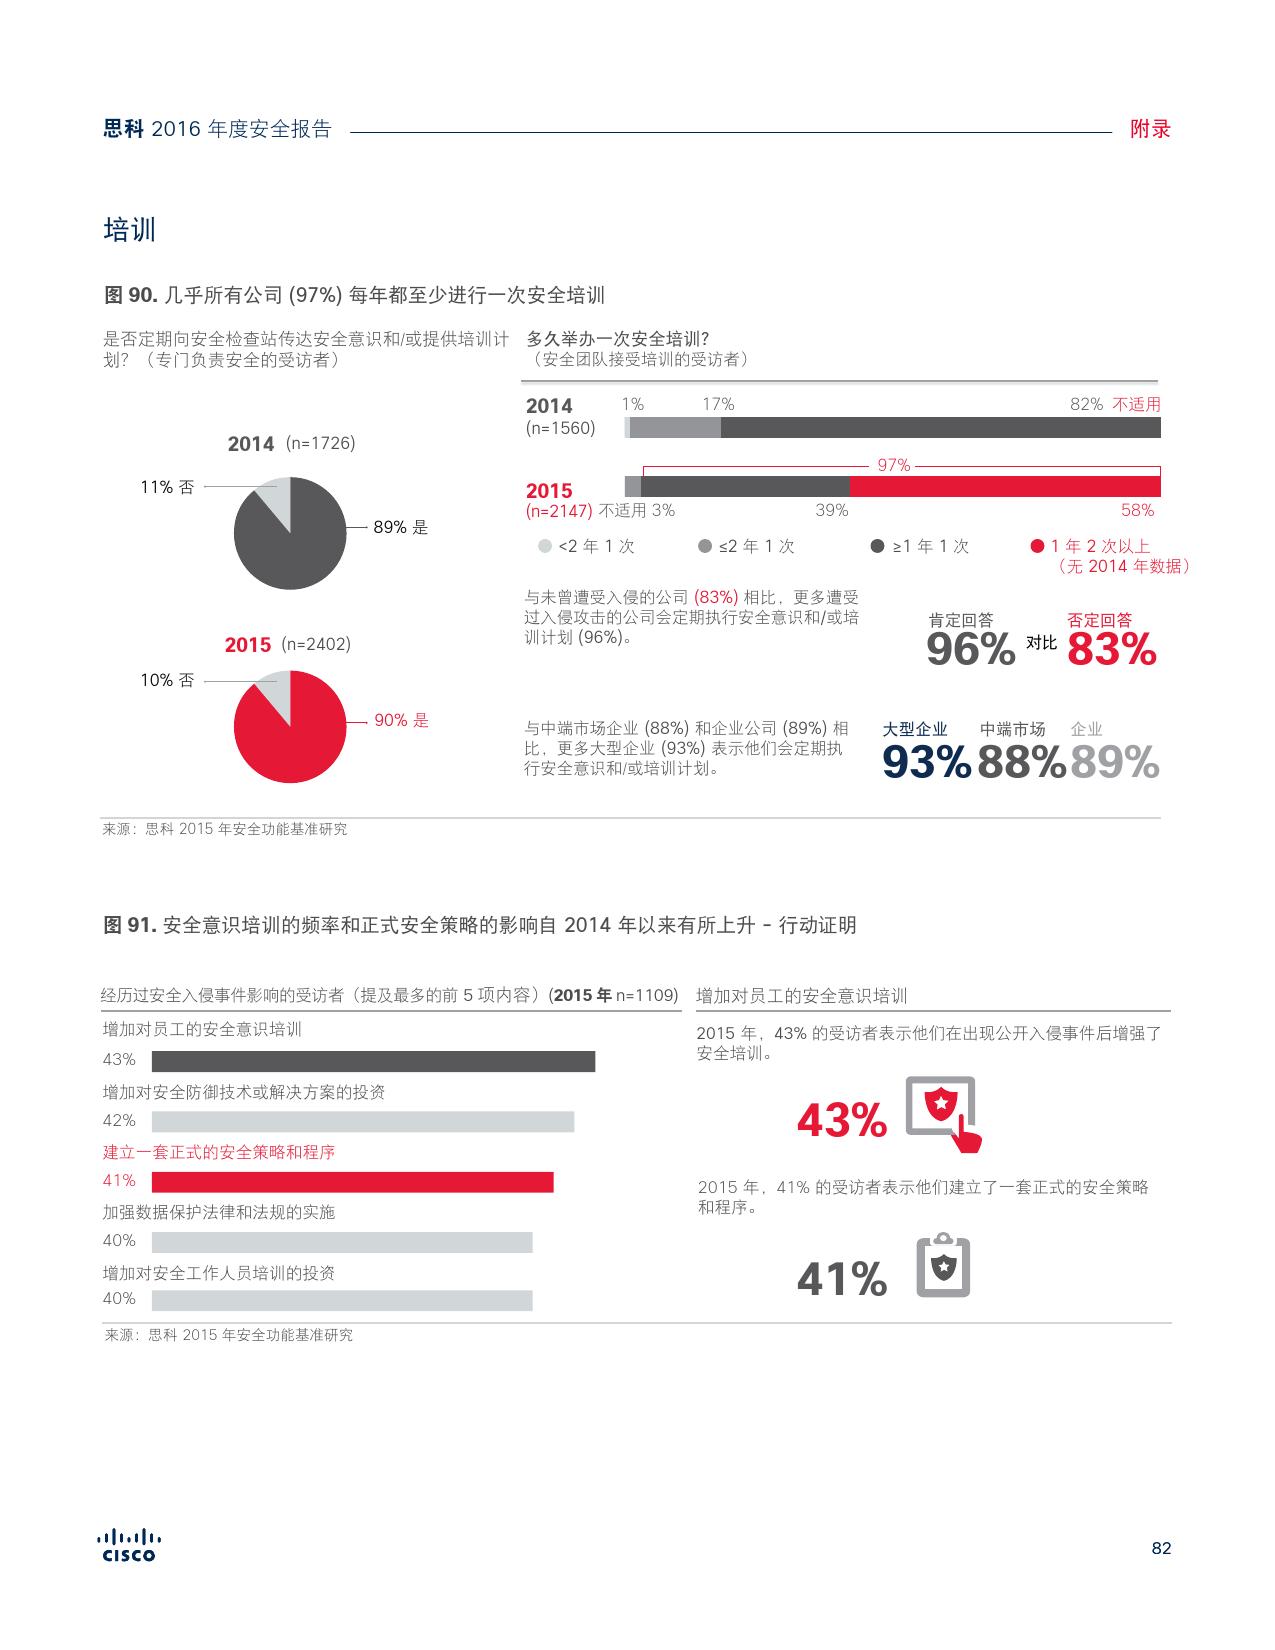 2016年中网络安全报告_000082